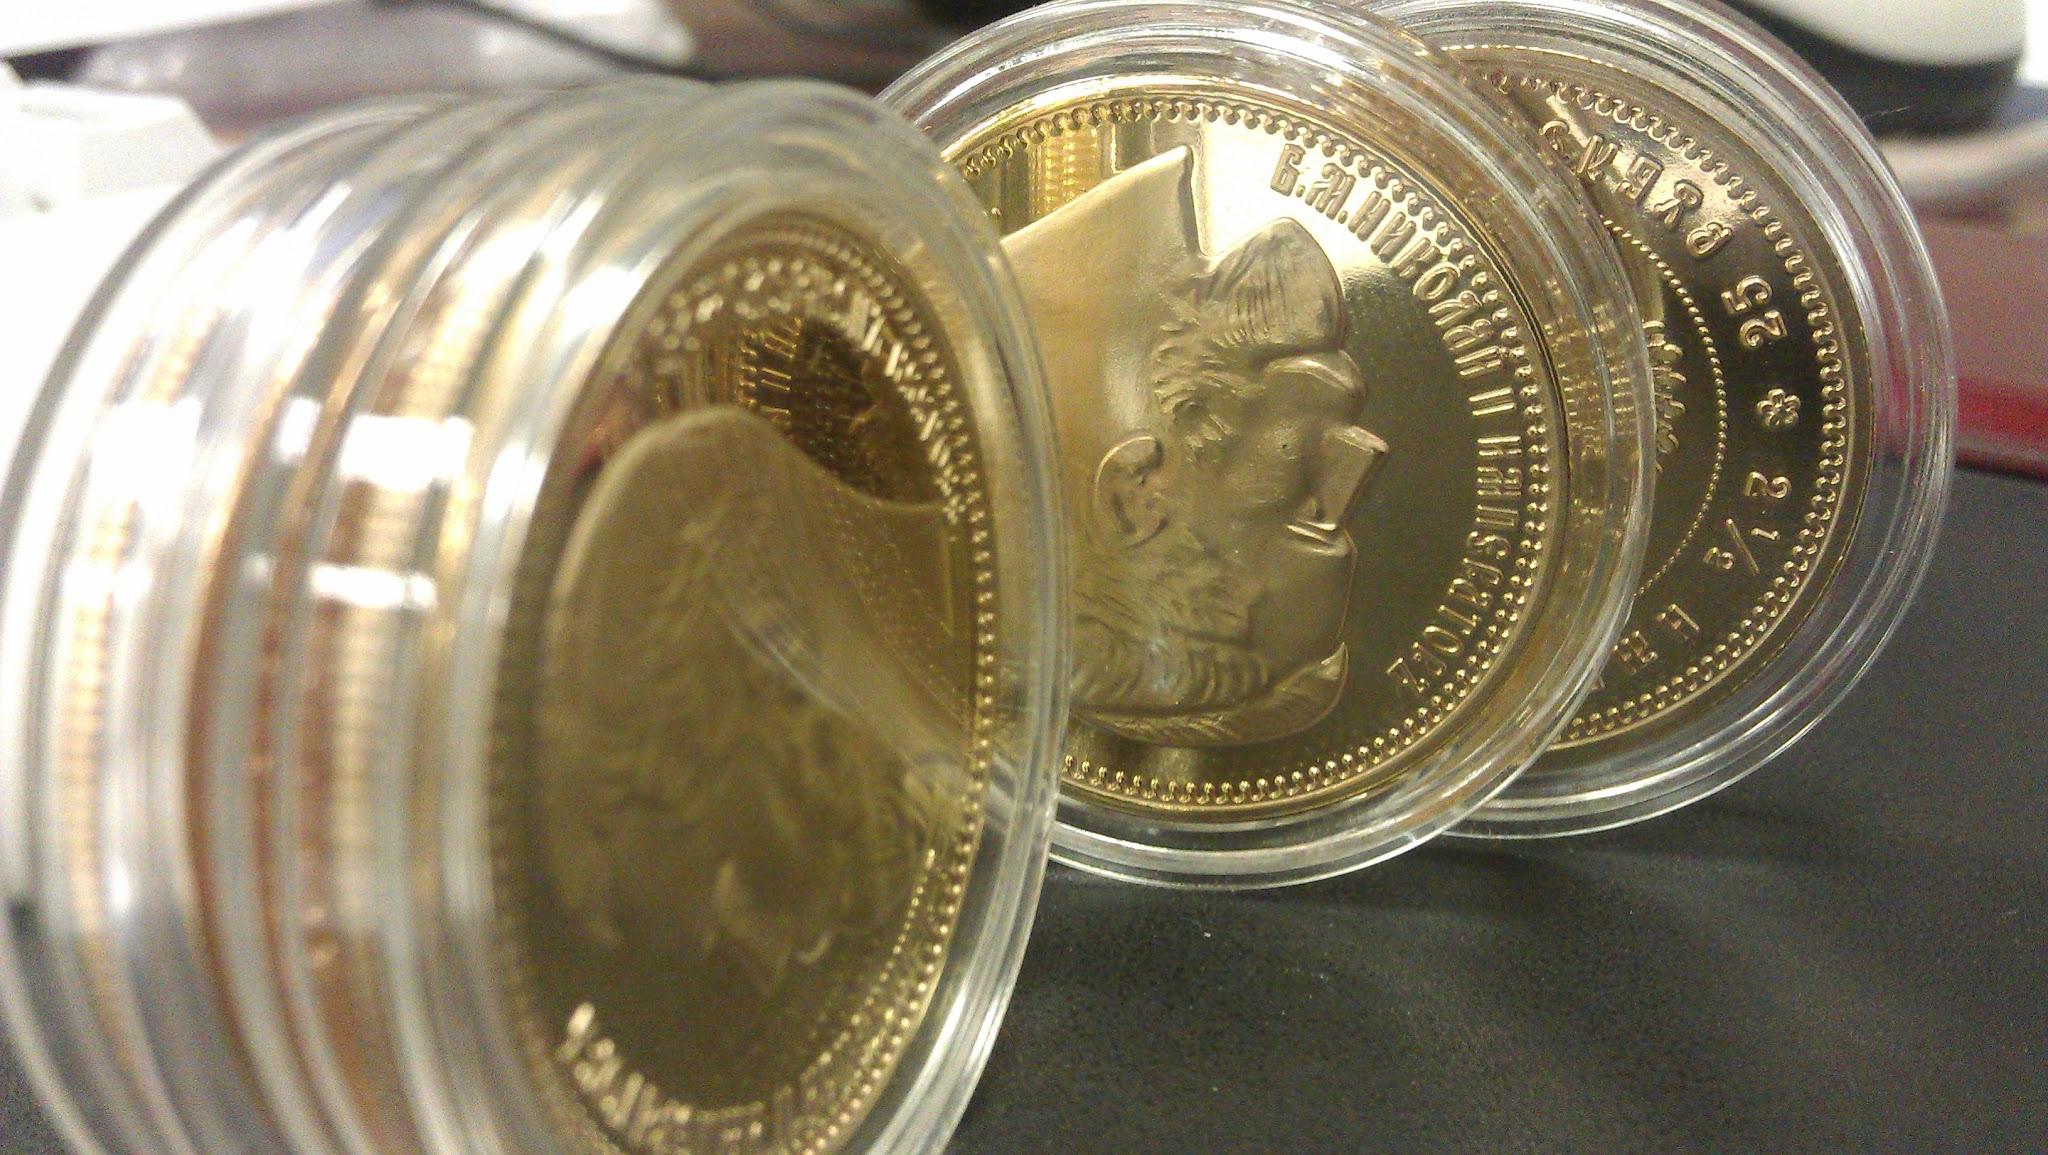 Кредит под залог золотых монет как продавать кредиты под залог